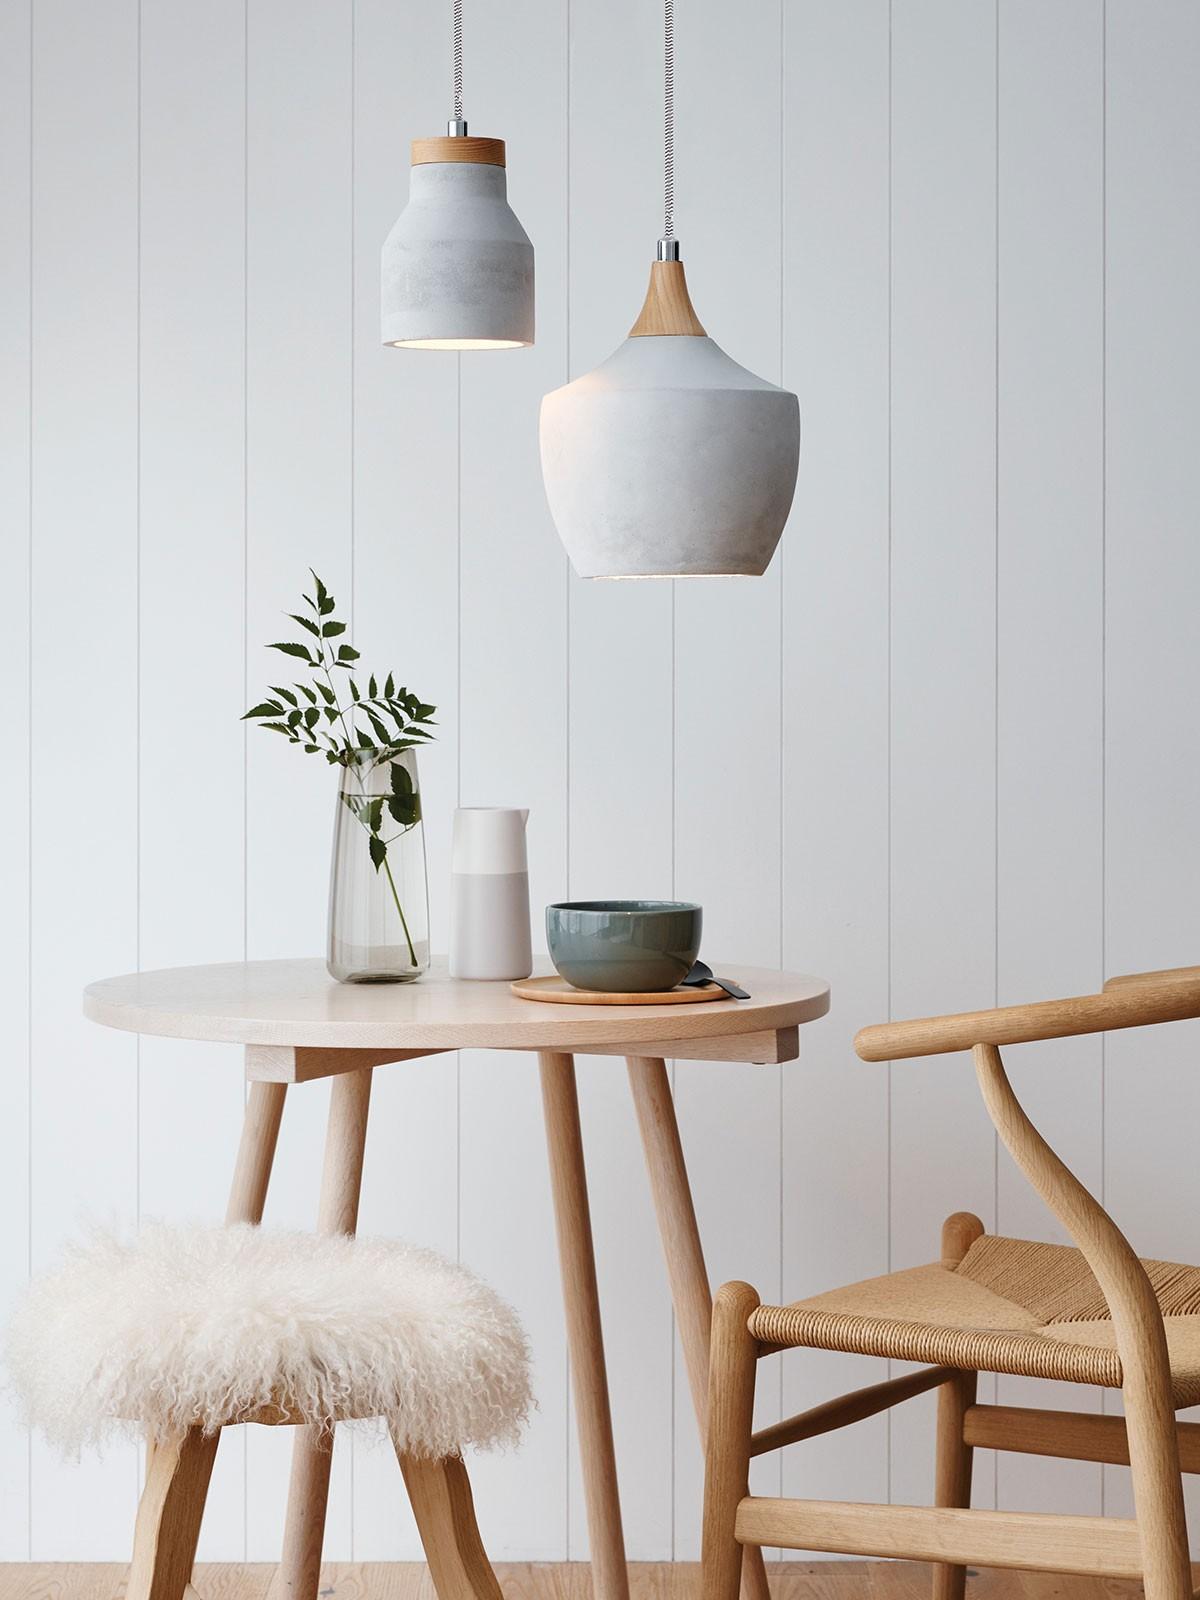 Scandinavian Home Decor Style Tips Friday Faves Elixir